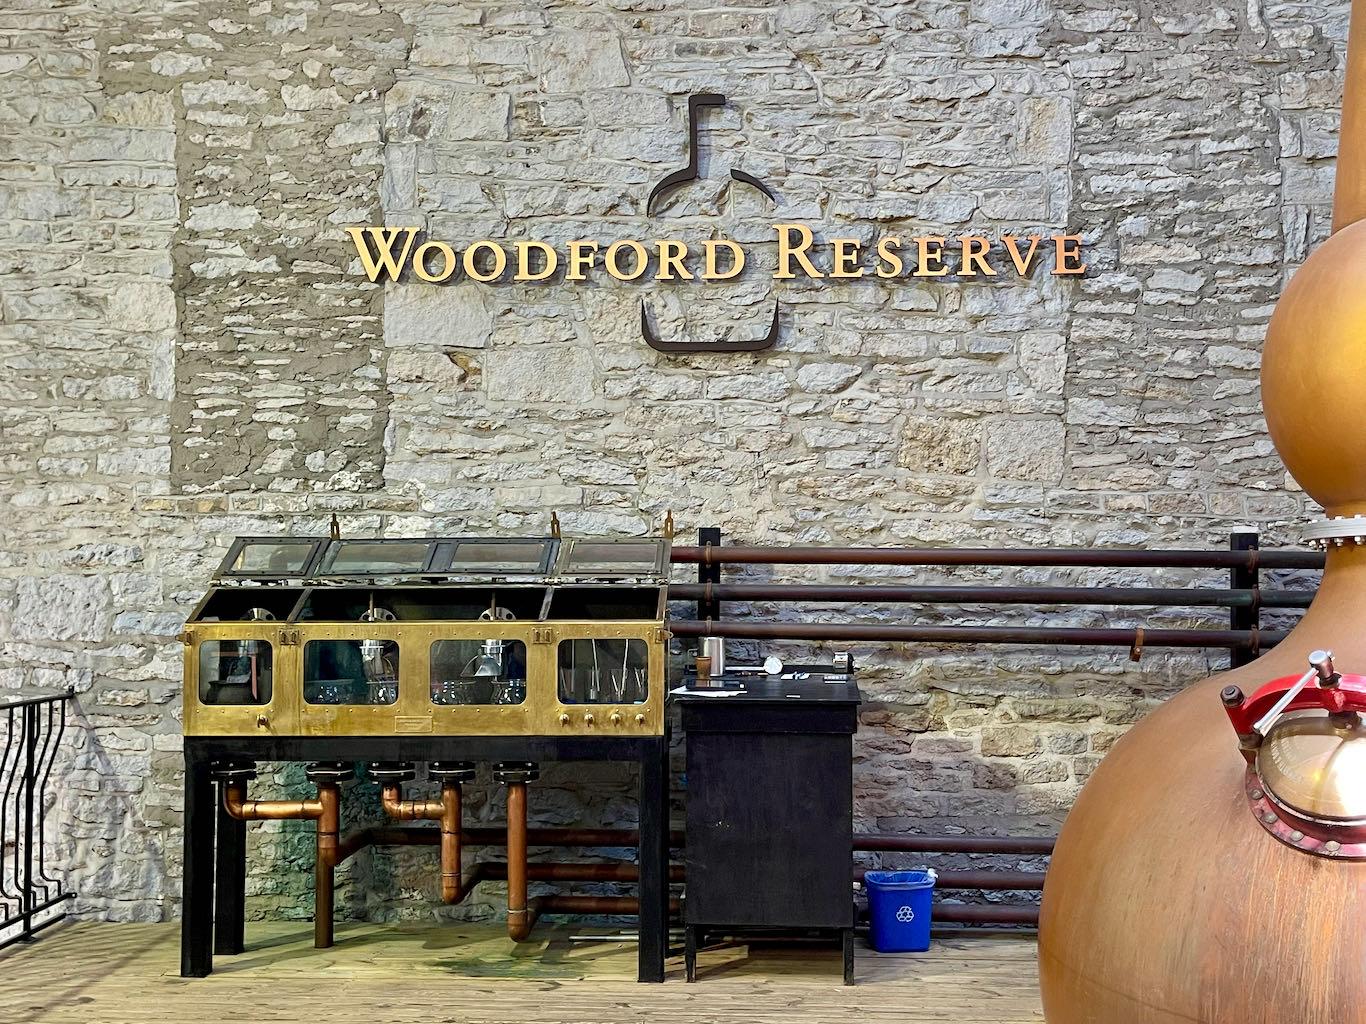 Spirit Safe - Woodford Reserve Distillery